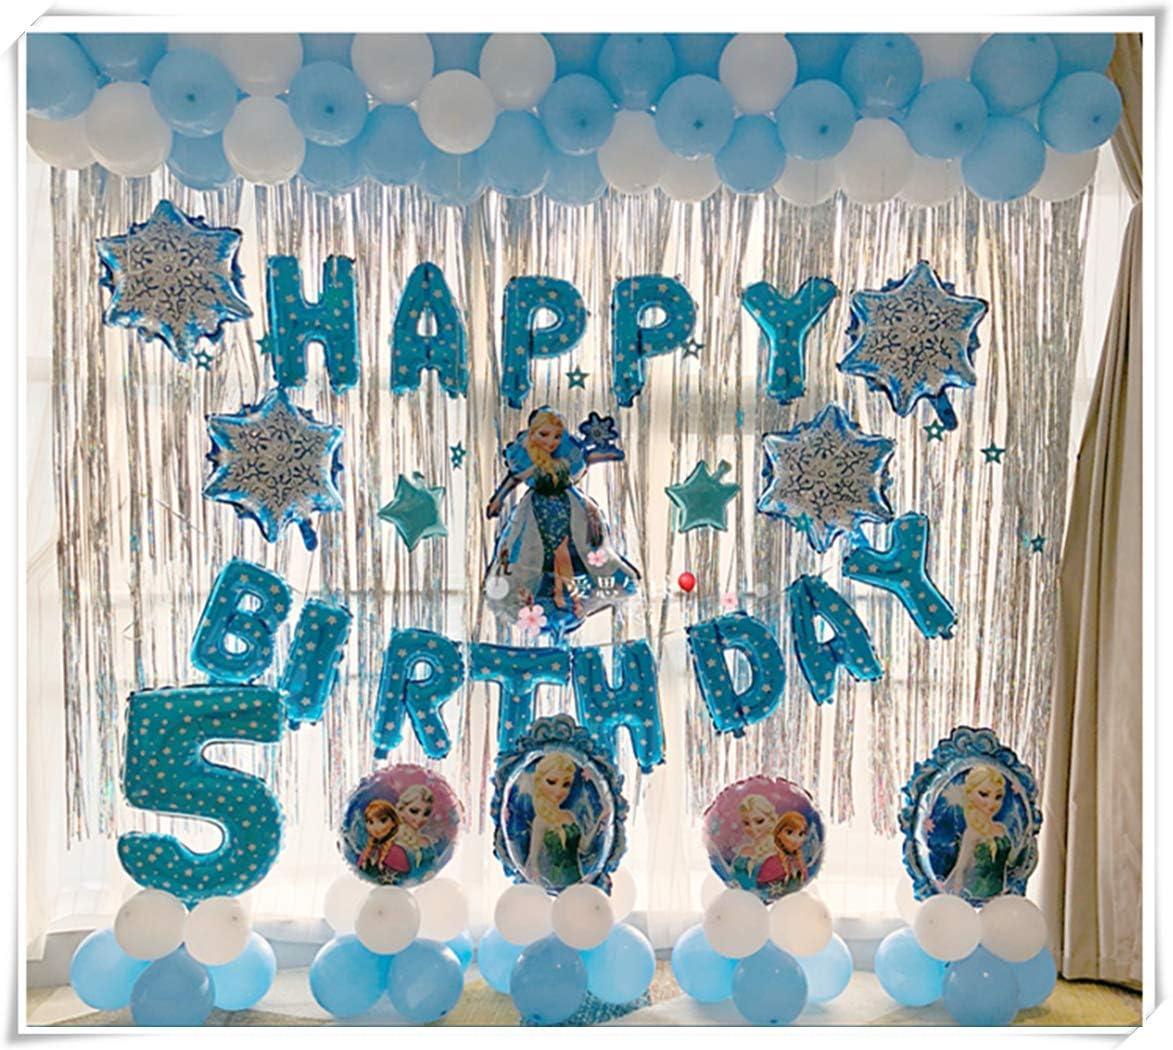 Amazon.com: Frozen decoración de fiesta de cumpleaños, globo ...